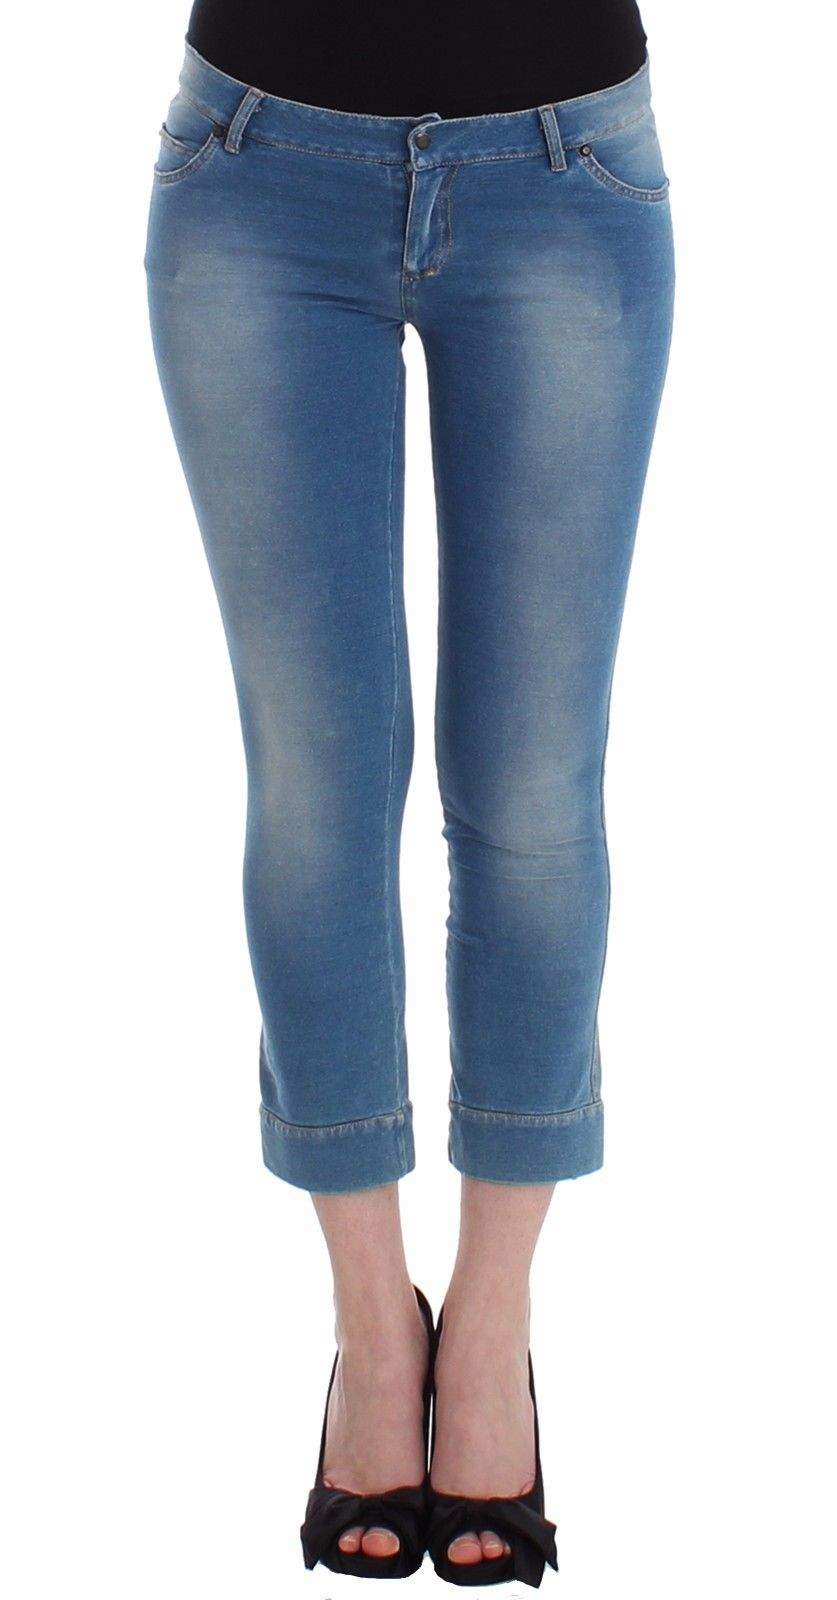 Ermanno Scervino Women's Capri Jeans Blue SIG12454 - IT42 | S